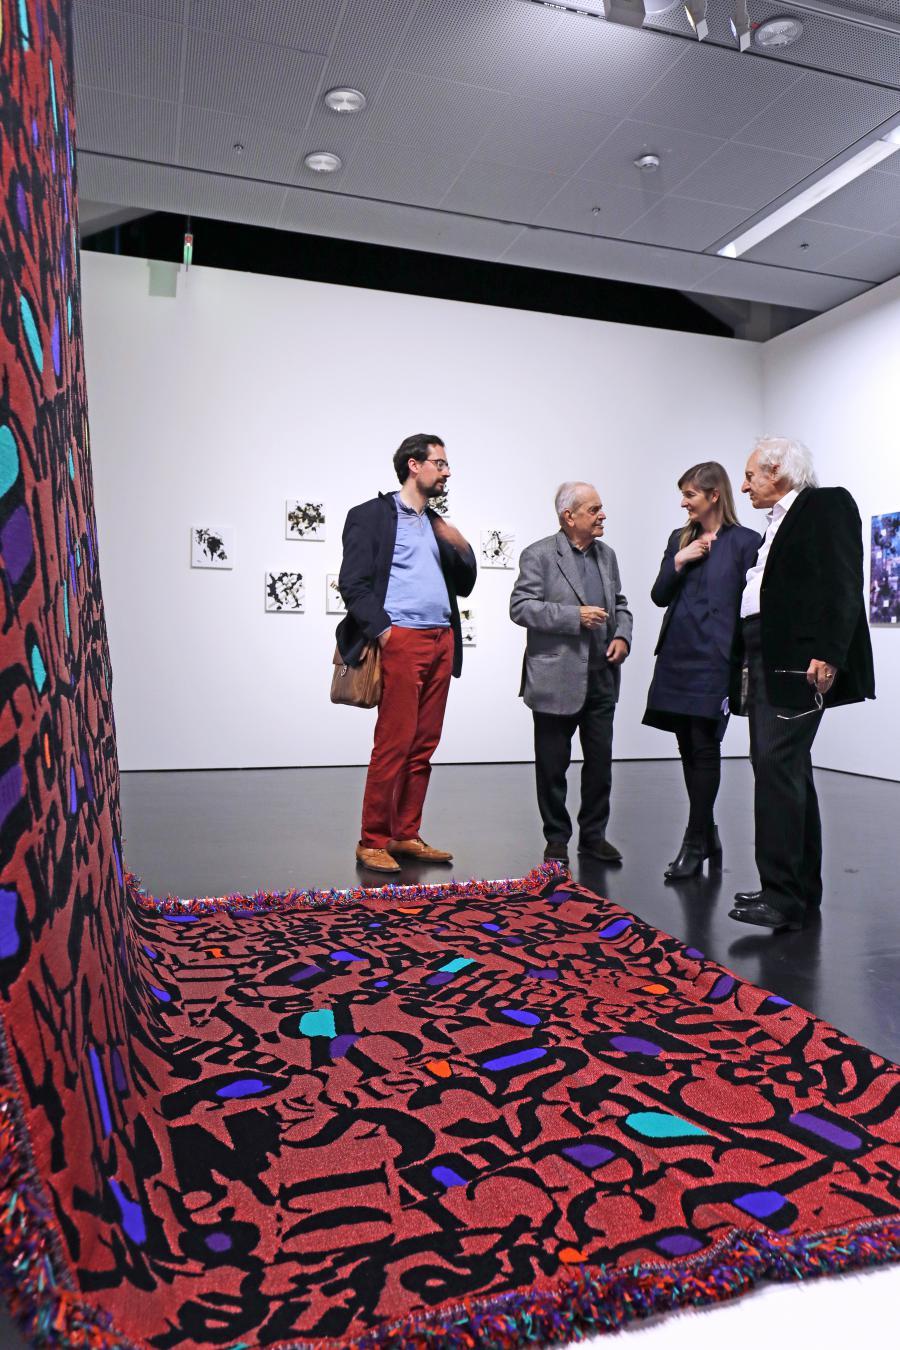 Vier Menschen stehen vor einem Werk, das aus einem langen roten Teppich mit Buchstaben besteht.